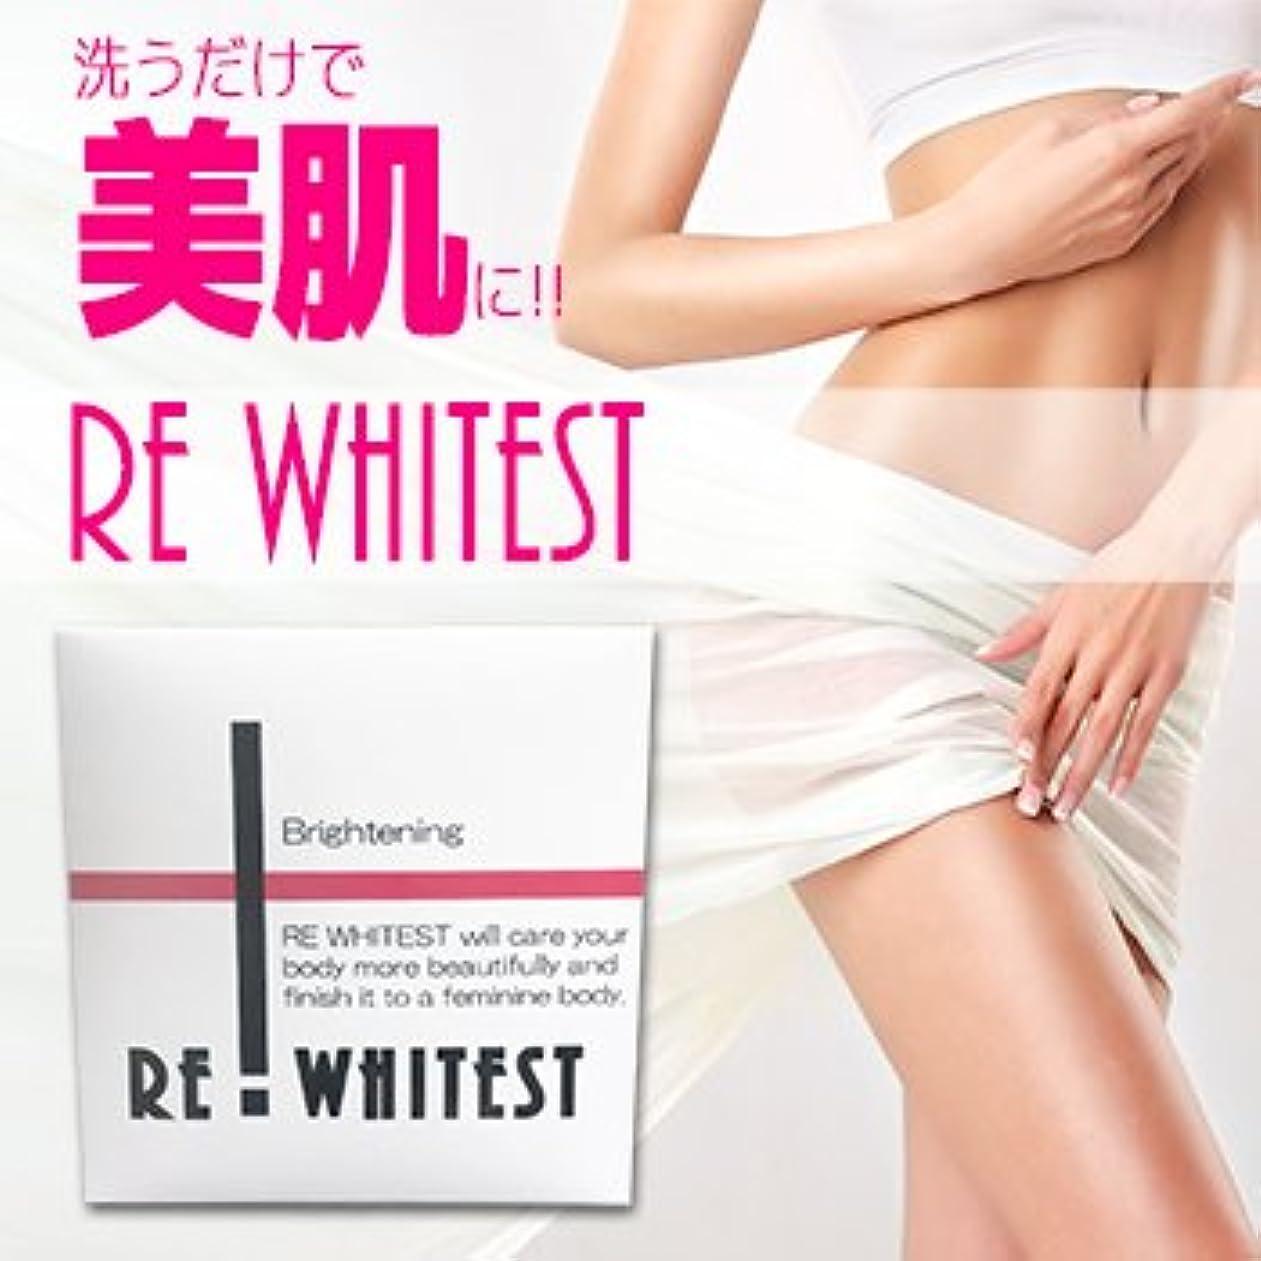 ラジエーター忙しい塩パパイン+イソフラボン配合女性用美肌石鹸 REWHITEST-リホワイテスト-